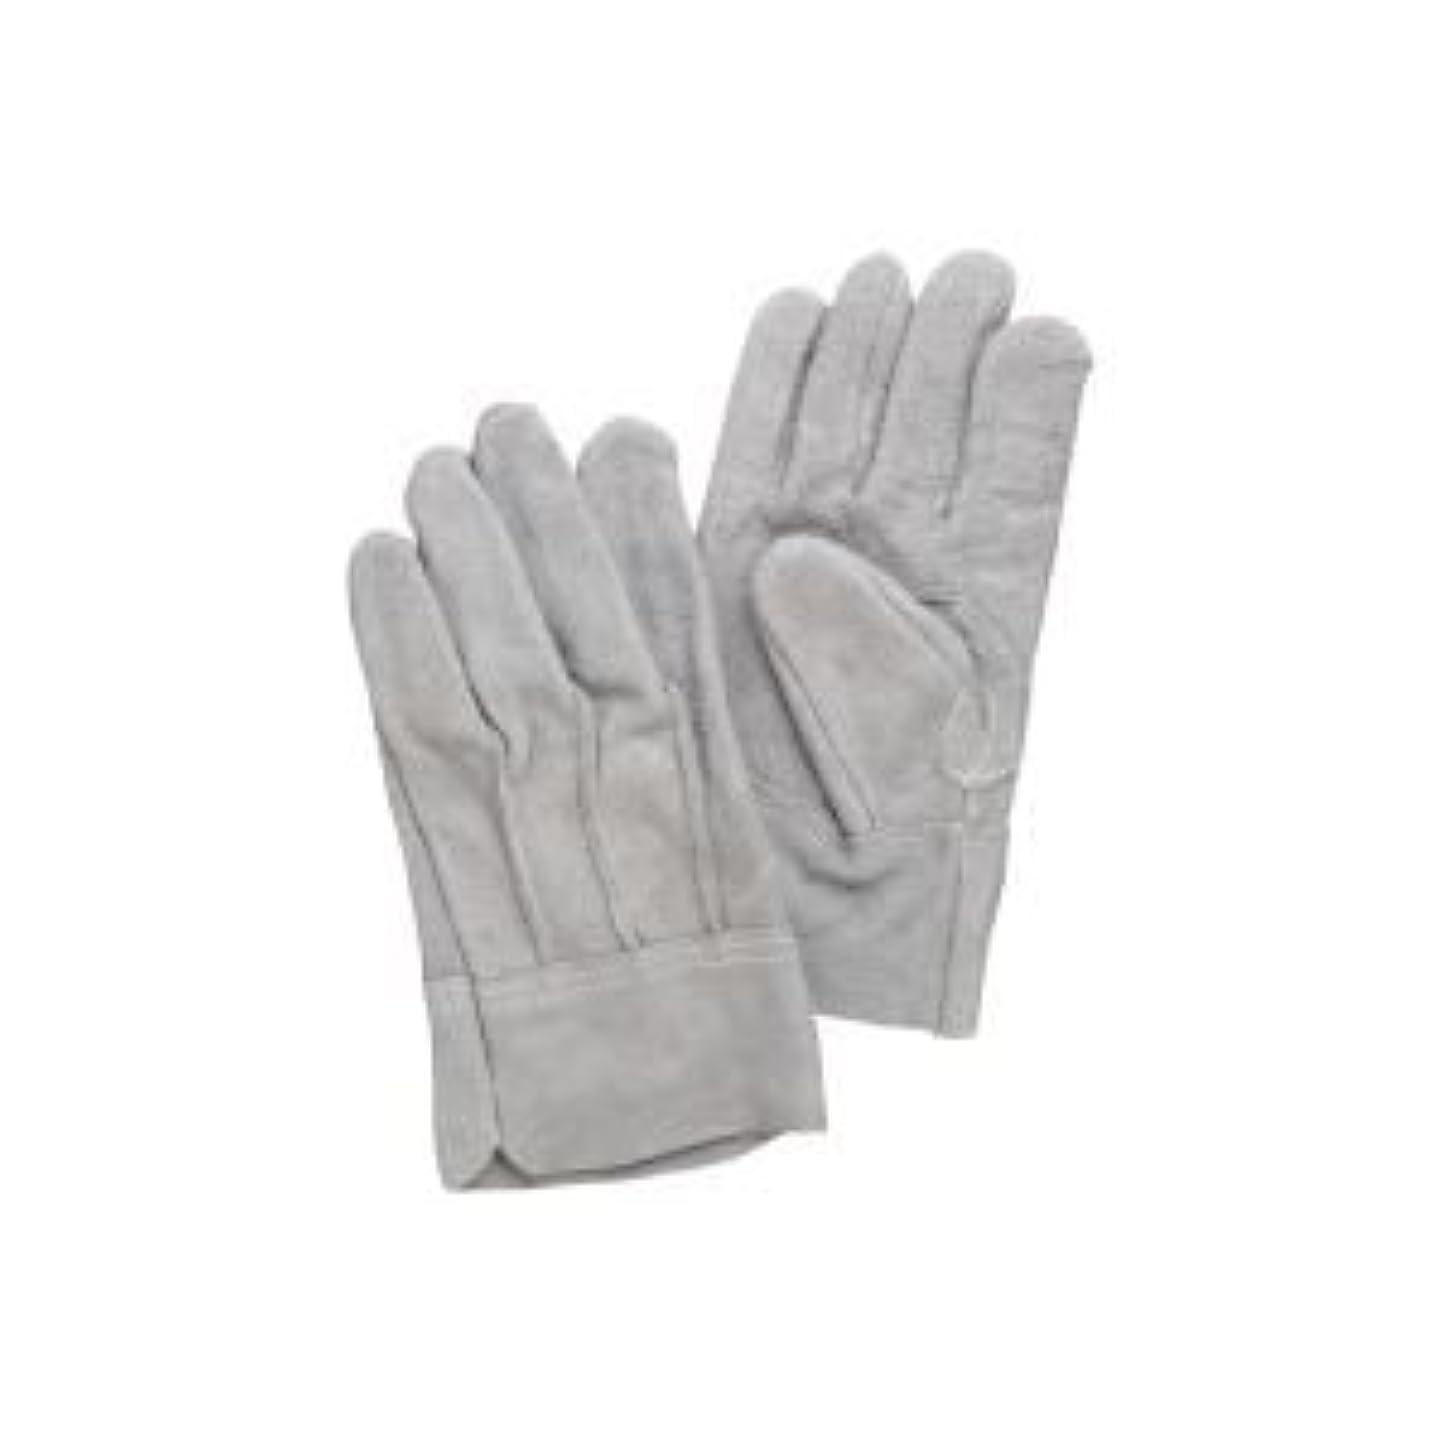 ペイントお世話になったぴかぴか( お徳用 100セット ) 熱田資材 革手袋床革手袋 背縫い NO.11 グレー